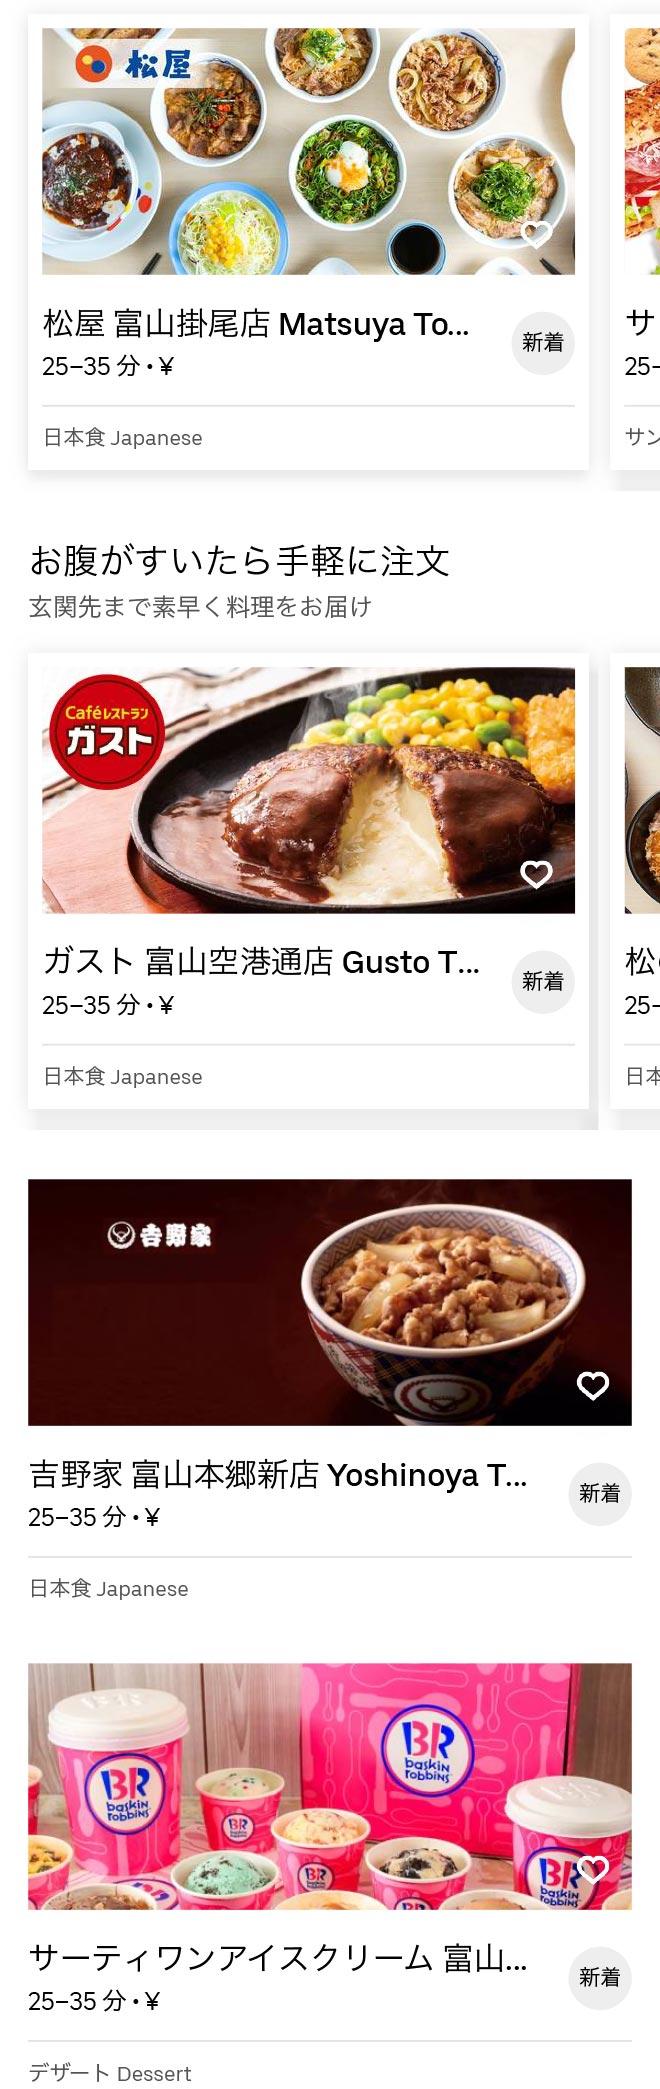 Minami toyama menu 2004 01